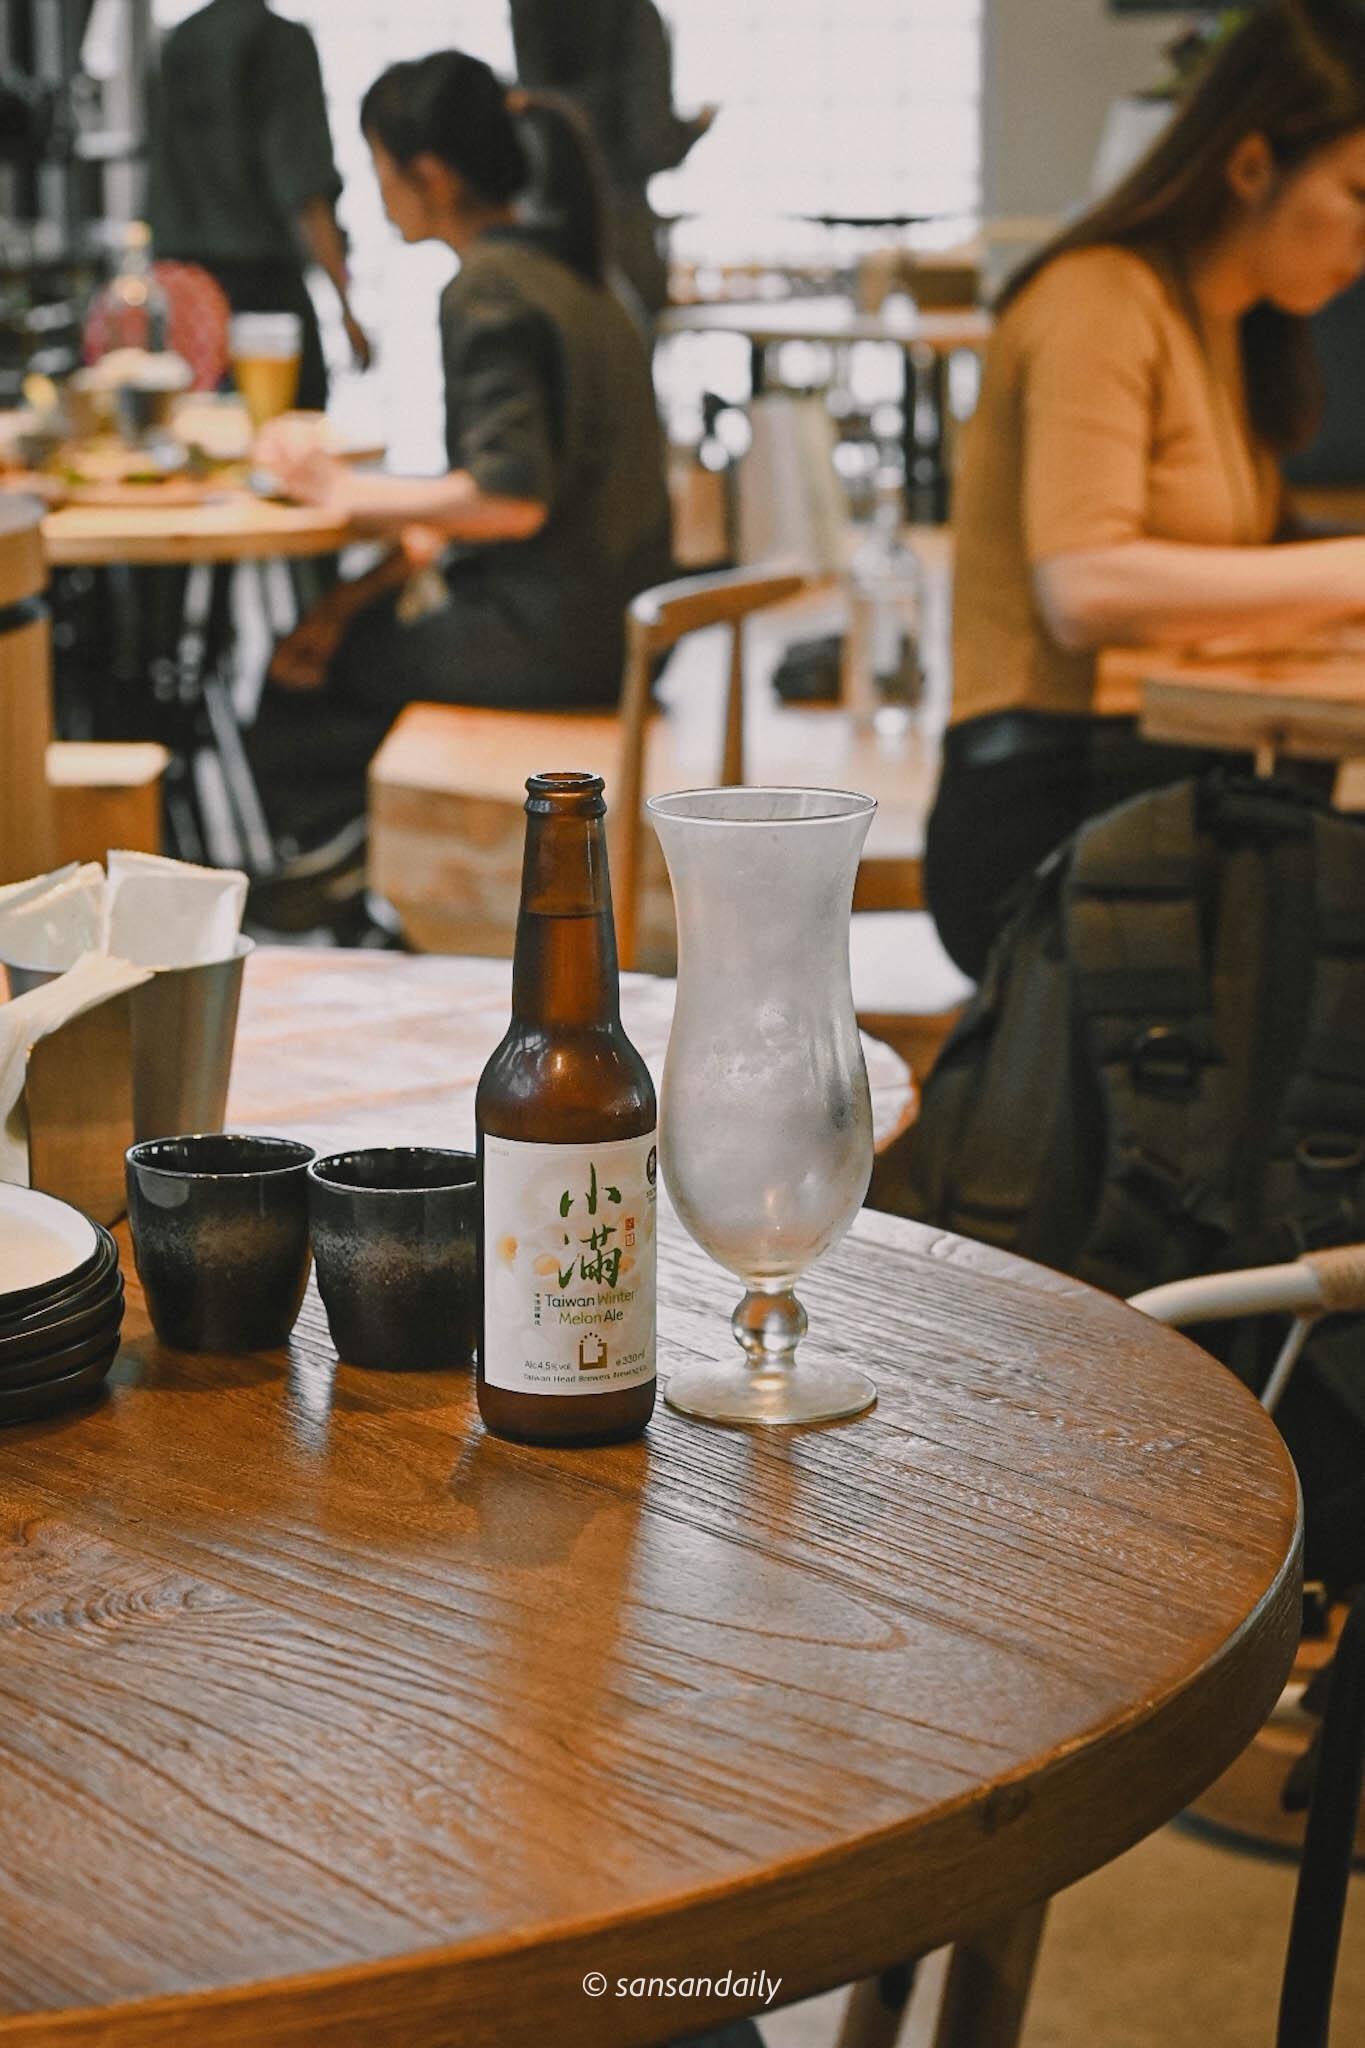 GUMGUM Beer & Wings台灣在地精釀啤酒 冬瓜茶啤酒